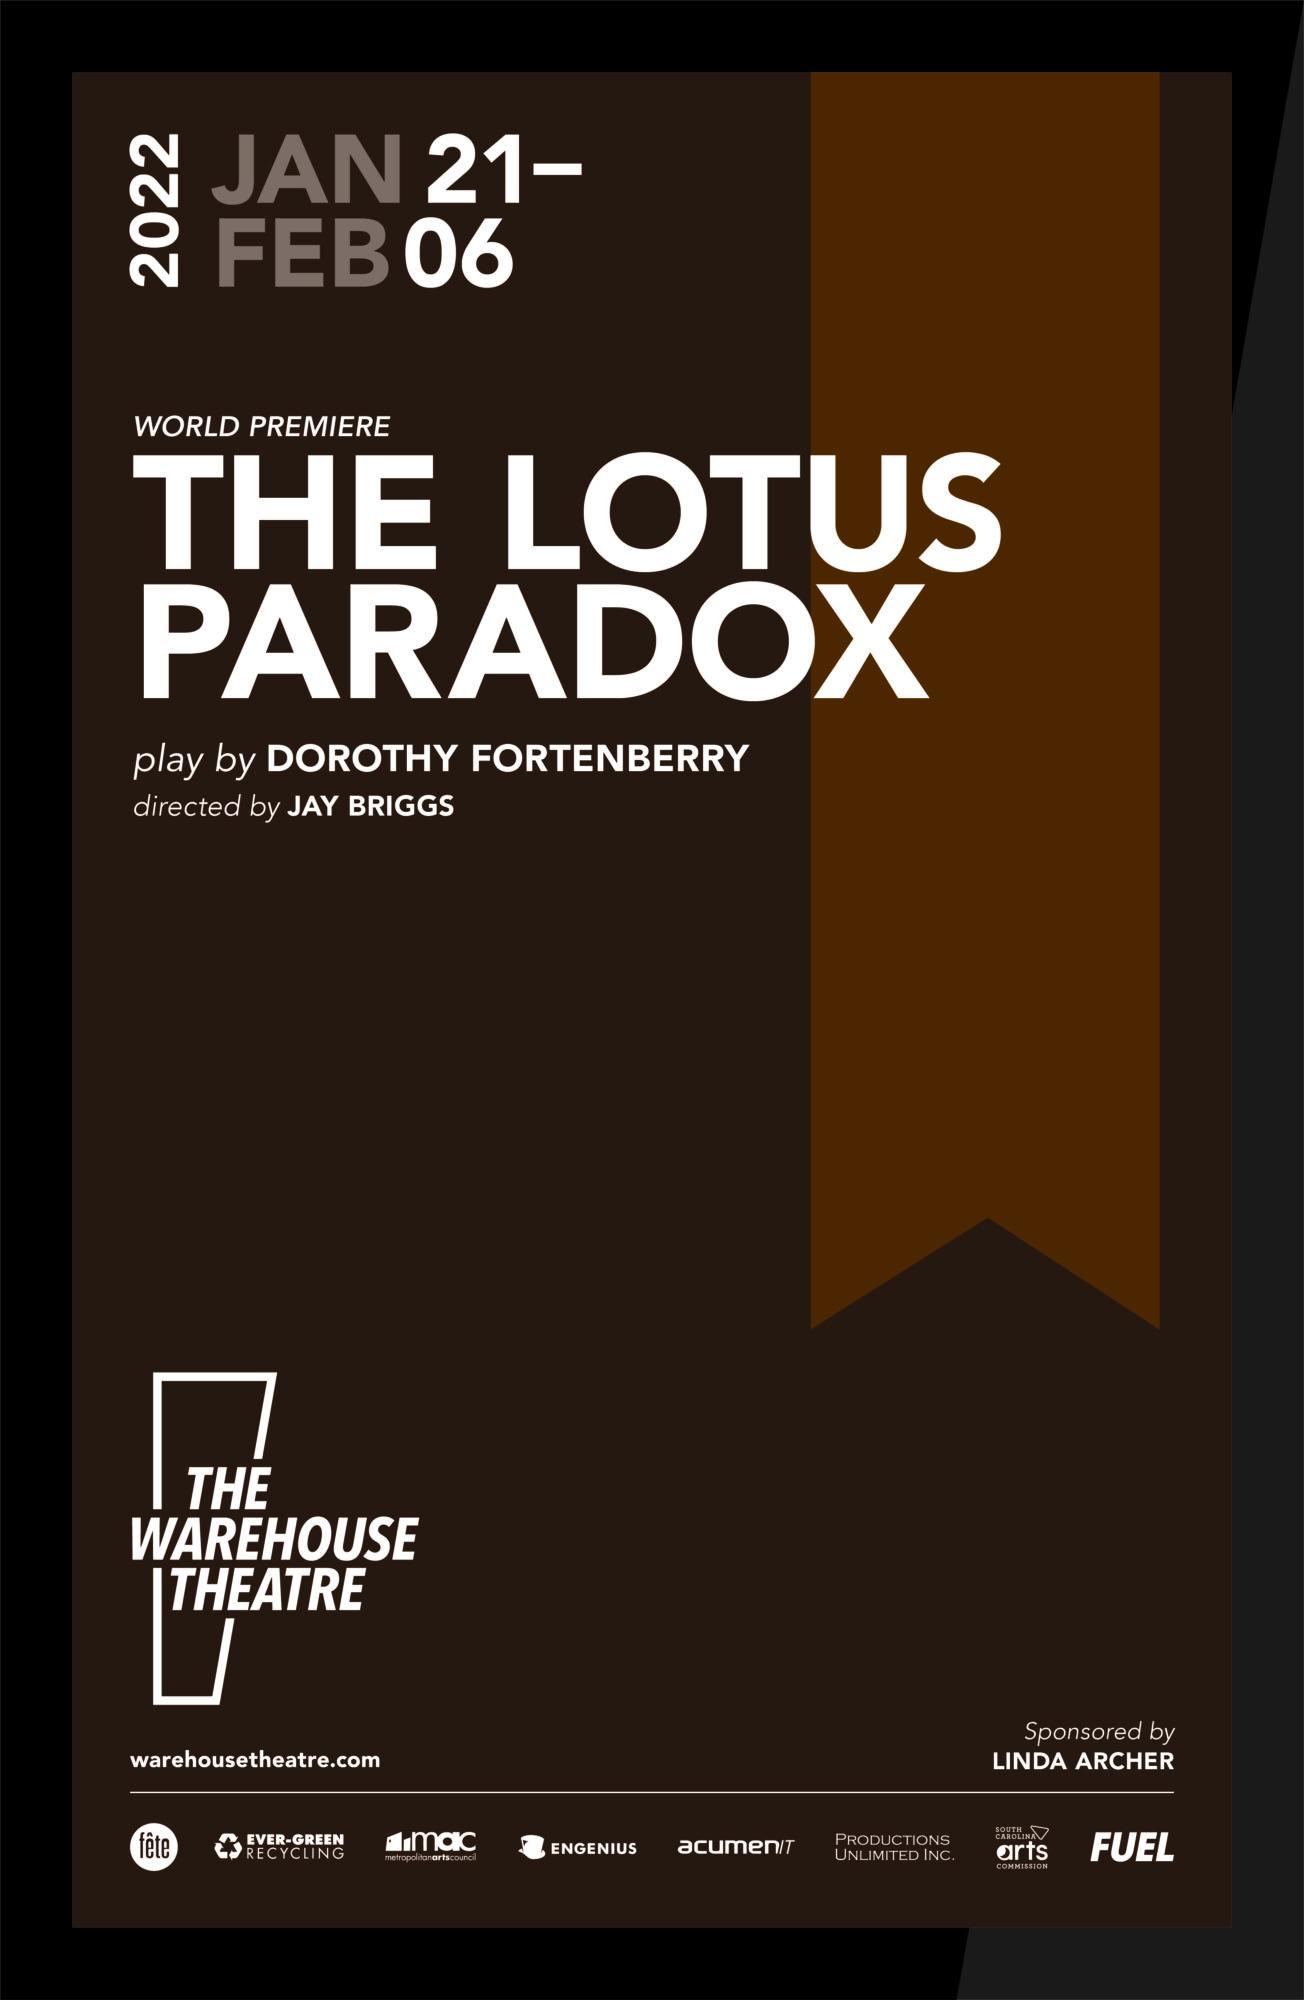 THE LOTUS PARADOX